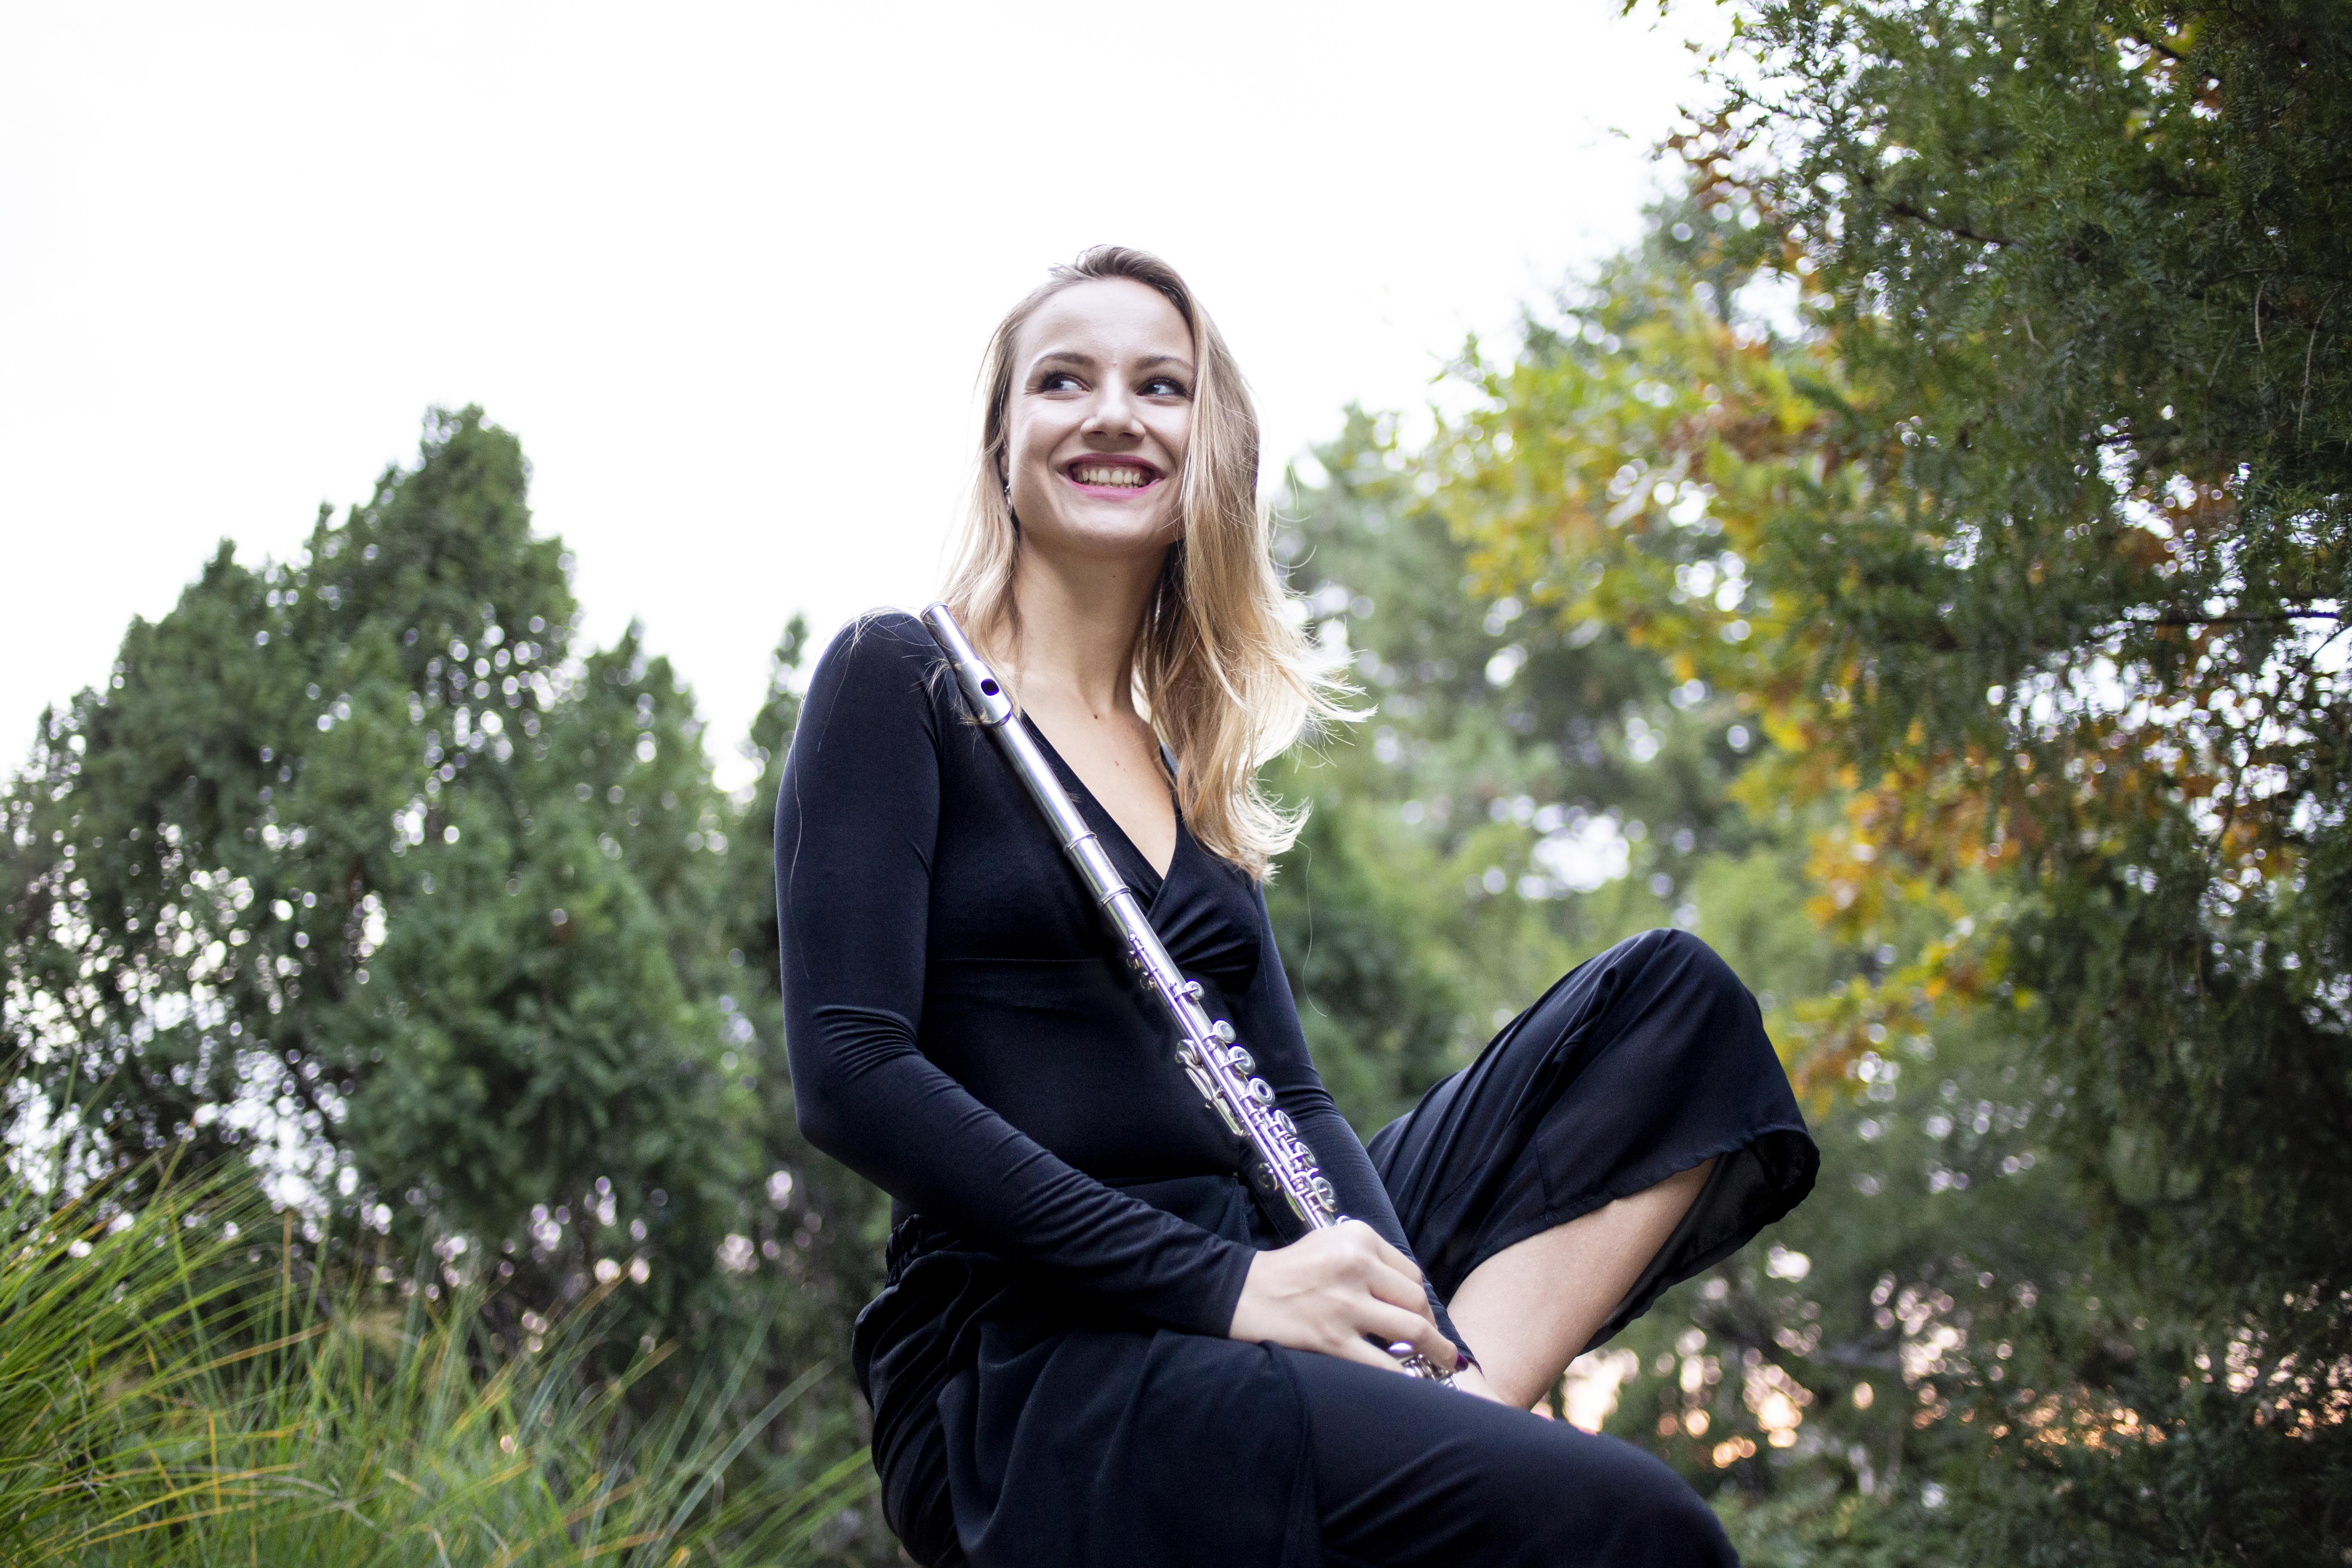 Ács Dominika fuvolával a kezében mosolyogva ül a fűben fekete ruhában